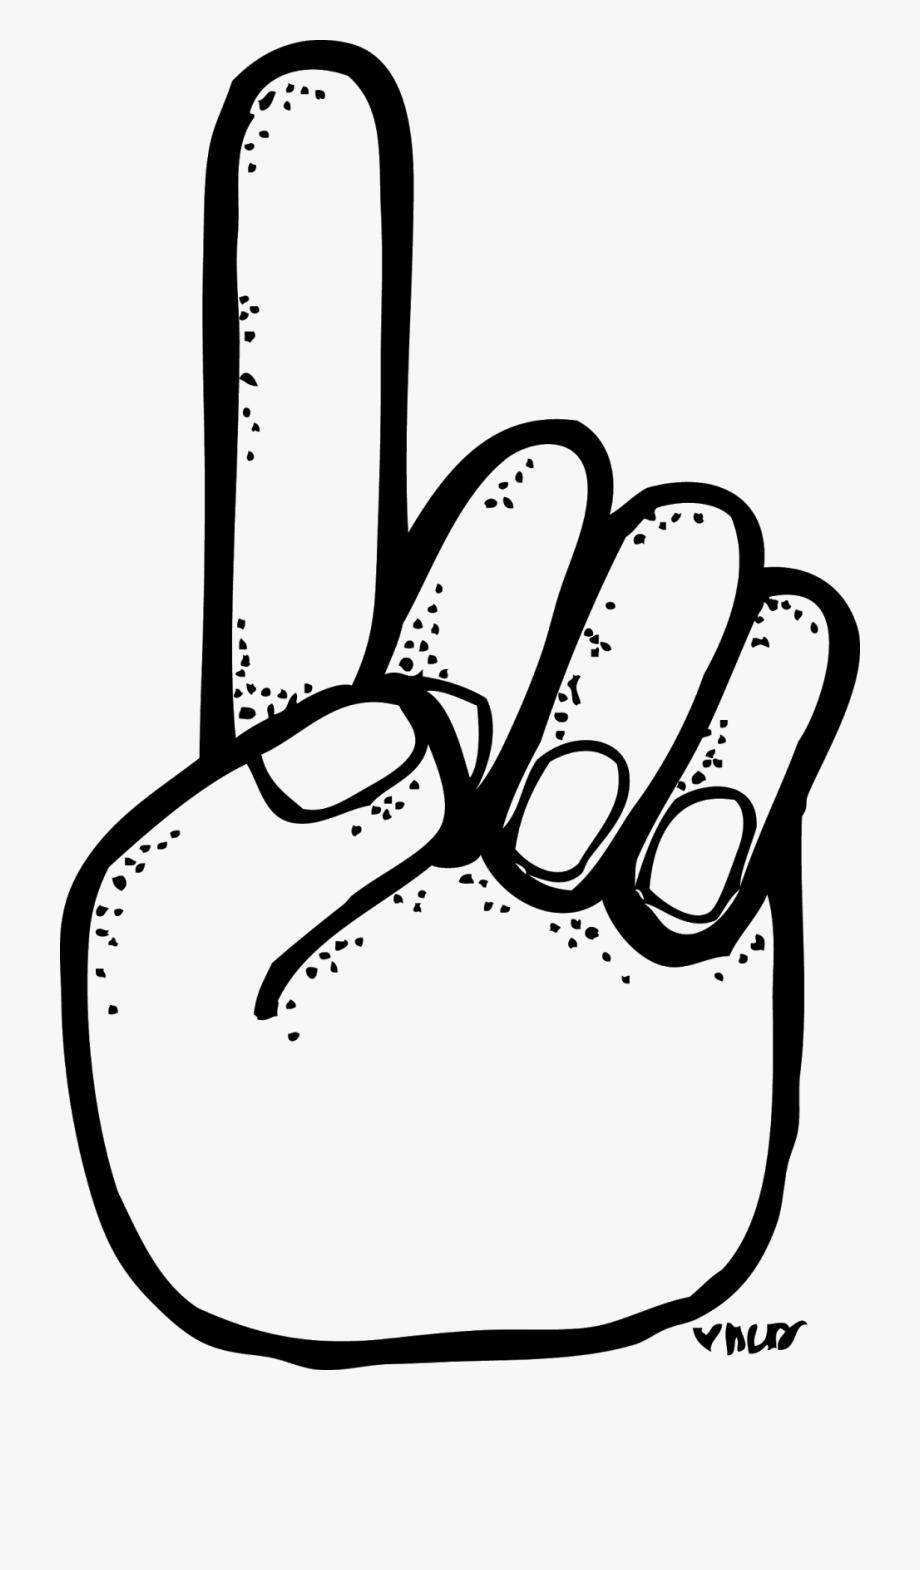 Jpg Freeuse Download Number 1 Finger Clipart.